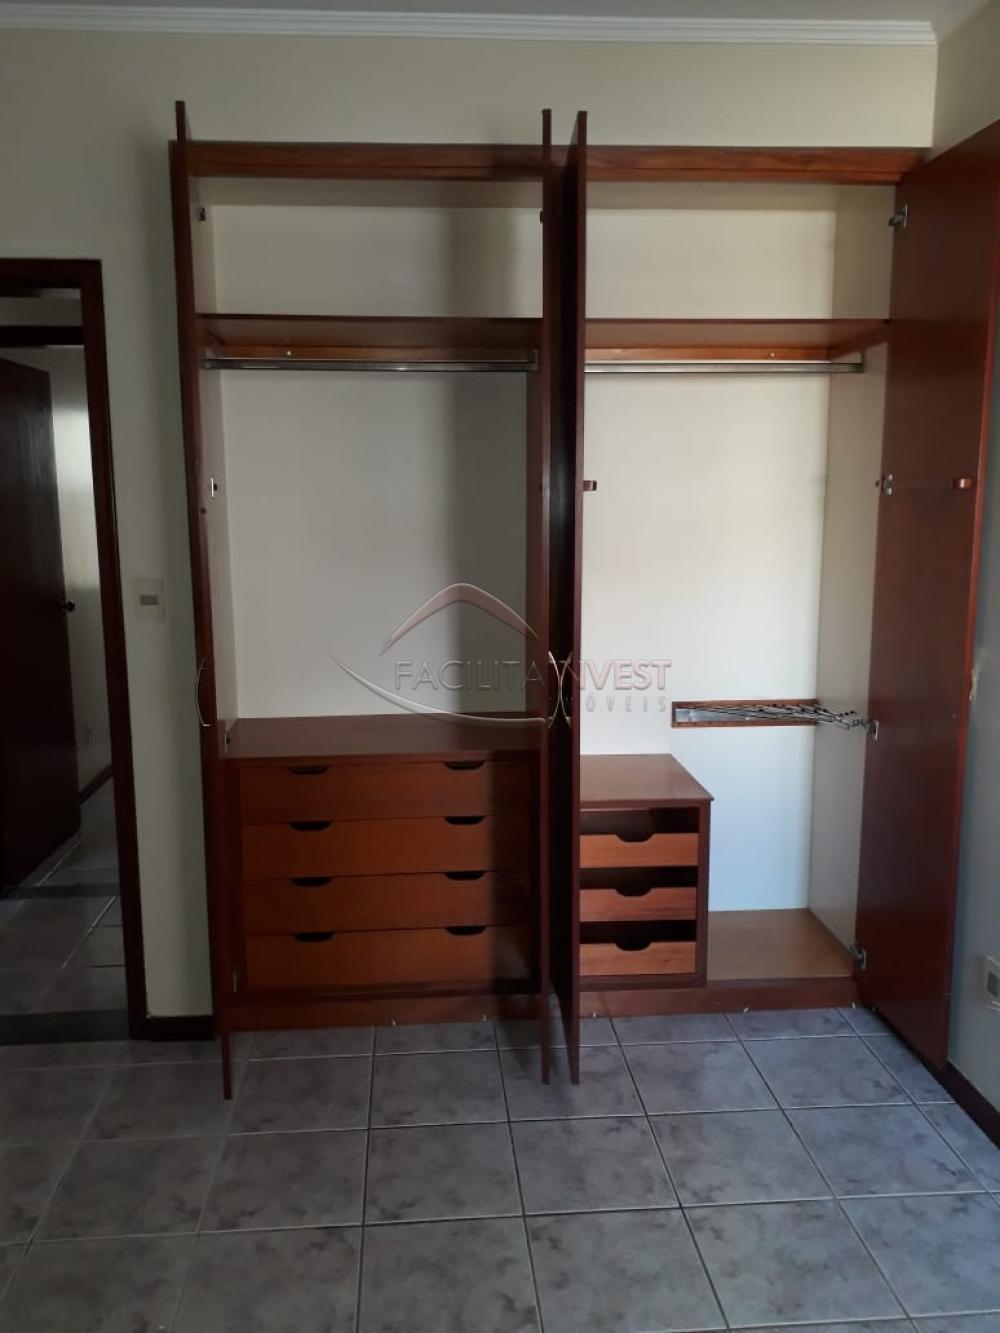 Comprar Apartamentos / Apart. Padrão em Ribeirão Preto apenas R$ 279.000,00 - Foto 11